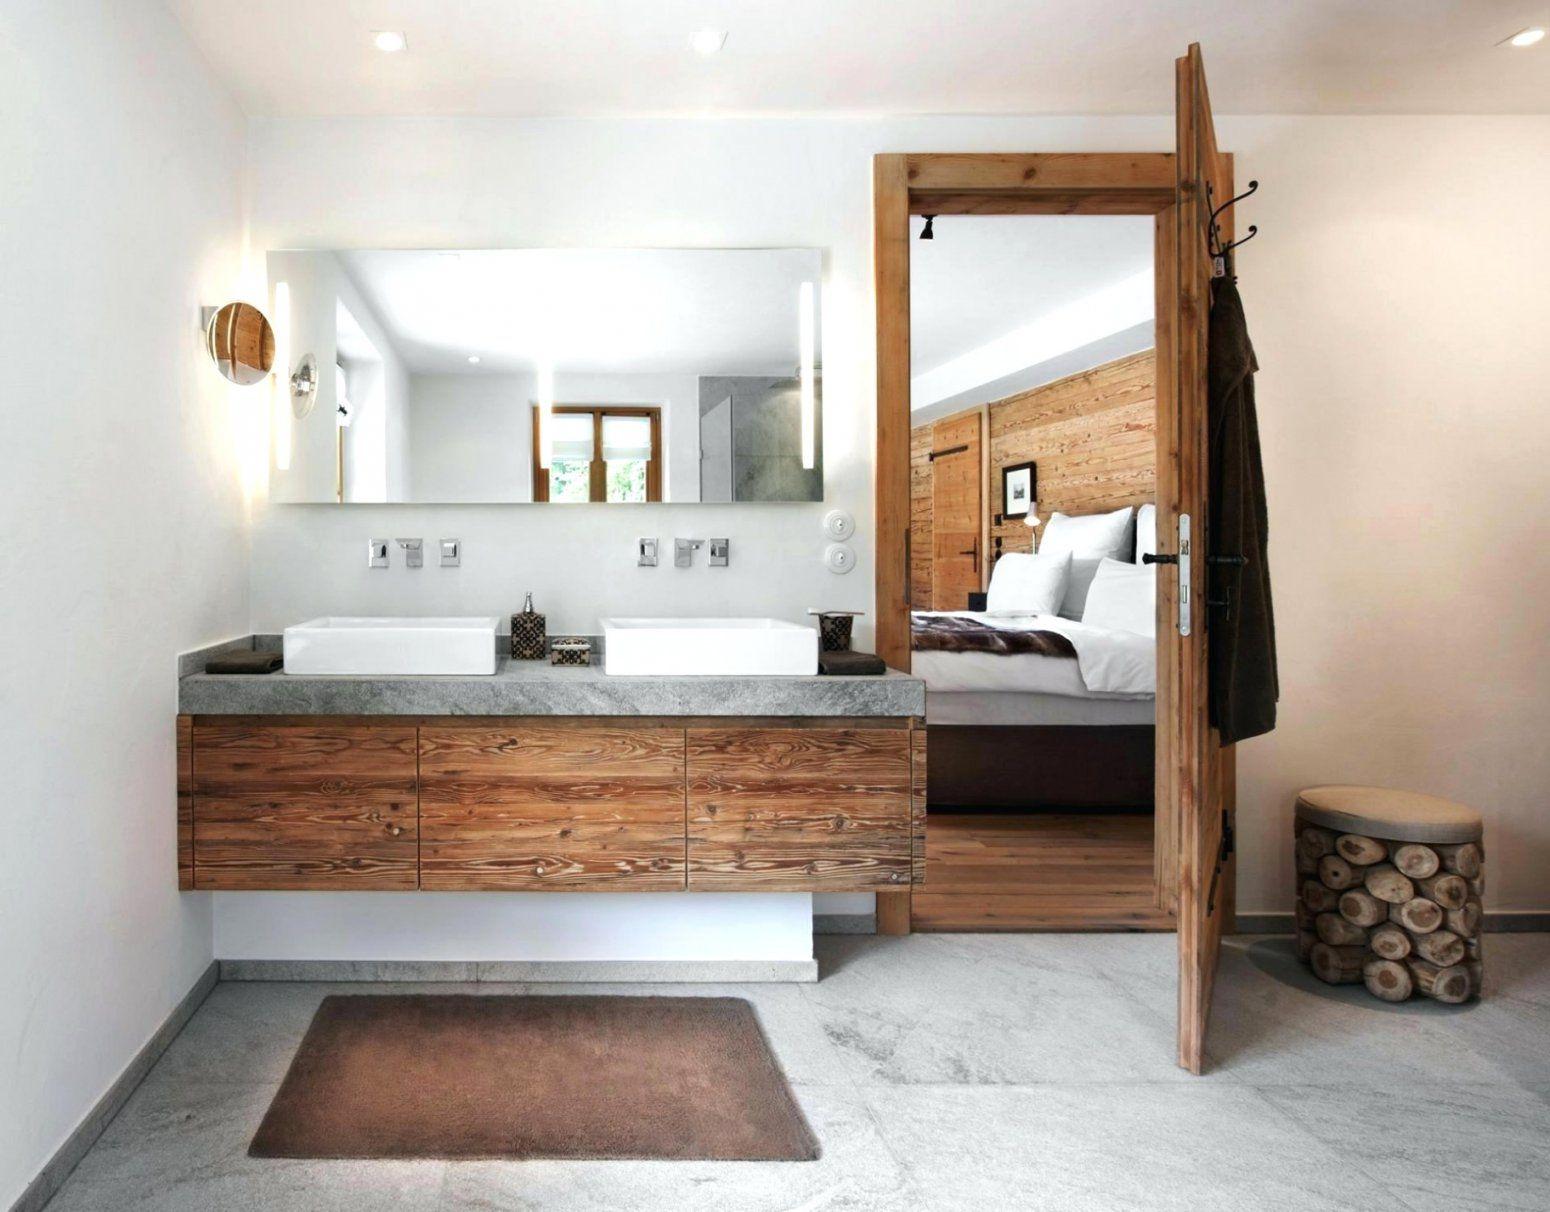 Neueste Waschtisch Aus Holz Selber Bauen Badezimmer Design Avec von Waschbecken Aus Holz Selber Bauen Photo